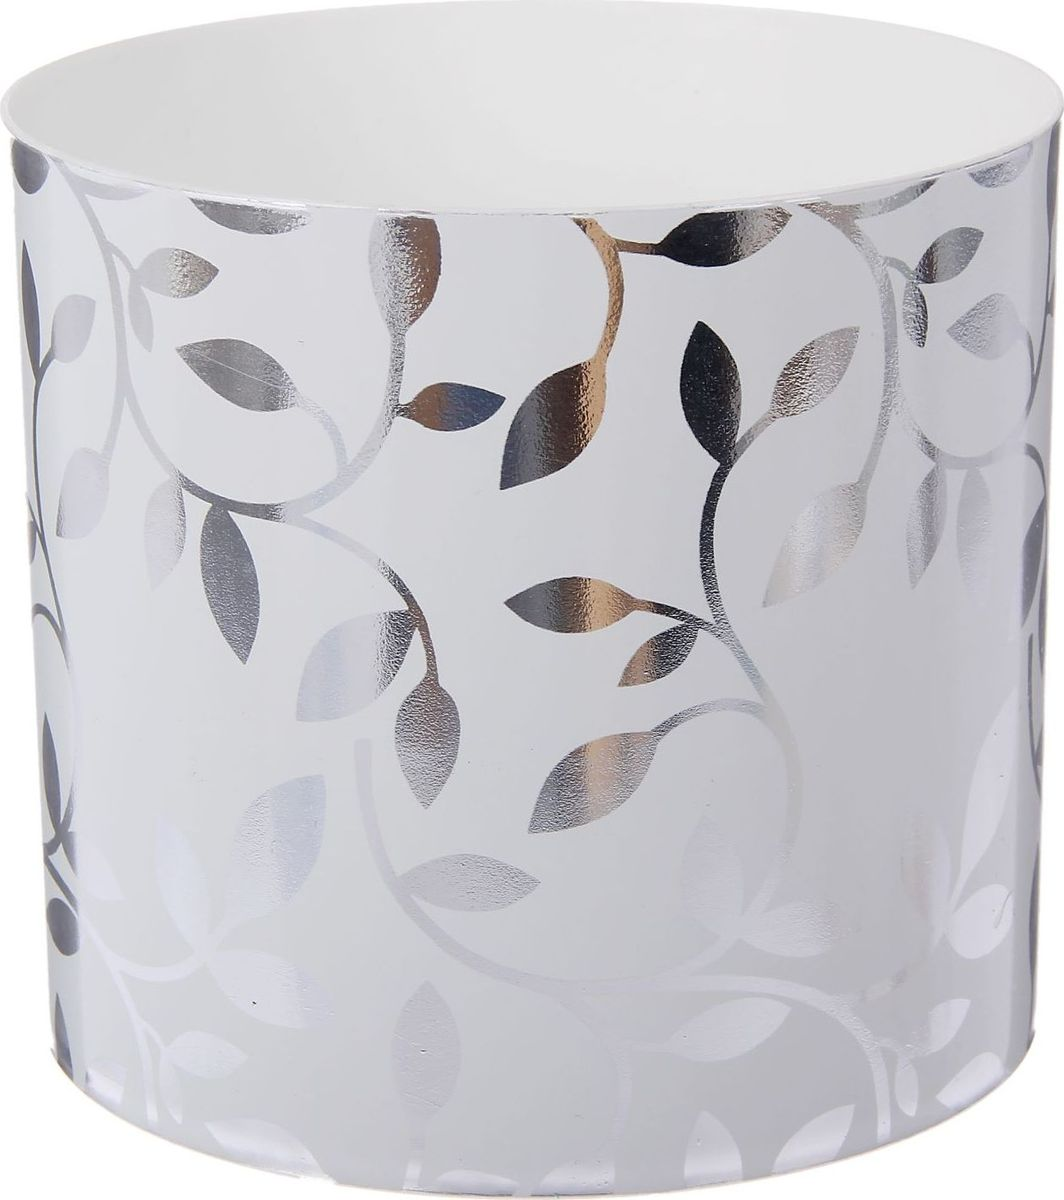 Горшок для цветов Simple Garden Листочки, со скрытым поддоном, цвет: металлик, 1,7 л1915346Любой, даже самый современный и продуманный интерьер будет незавершенным без растений. Они не только очищают воздух и насыщают его кислородом, но и украшают окружающее пространство. Такому полезному члену семьи просто необходим красивый и функциональный дом! Оптимальный выбор материала — пластмасса! Почему мы так считаем? Малый вес. С легкостью переносите горшки и кашпо с места на место, ставьте их на столики или полки, не беспокоясь о нагрузке. Простота ухода. Кашпо не нуждается в специальных условиях хранения. Его легко чистить — достаточно просто сполоснуть теплой водой. Никаких потертостей. Такие кашпо не царапают и не загрязняют поверхности, на которых стоят. Пластик дольше хранит влагу, а значит, растение реже нуждается в поливе. Пластмасса не пропускает воздух — корневой системе растения не грозят резкие перепады температур. Огромный выбор форм, декора и расцветок — вы без труда найдете что-то, что идеально впишется в уже существующий интерьер. Соблюдая нехитрые правила ухода, вы можете заметно продлить срок службы горшков и кашпо из пластика: всегда учитывайте размер кроны и корневой системы (при разрастании большое растение способно повредить маленький горшок) берегите изделие от воздействия прямых солнечных лучей, чтобы горшки не выцветали держите кашпо из пластика подальше от нагревающихся поверхностей. Создавайте прекрасные цветочные композиции, выращивайте рассаду или необычные растения.